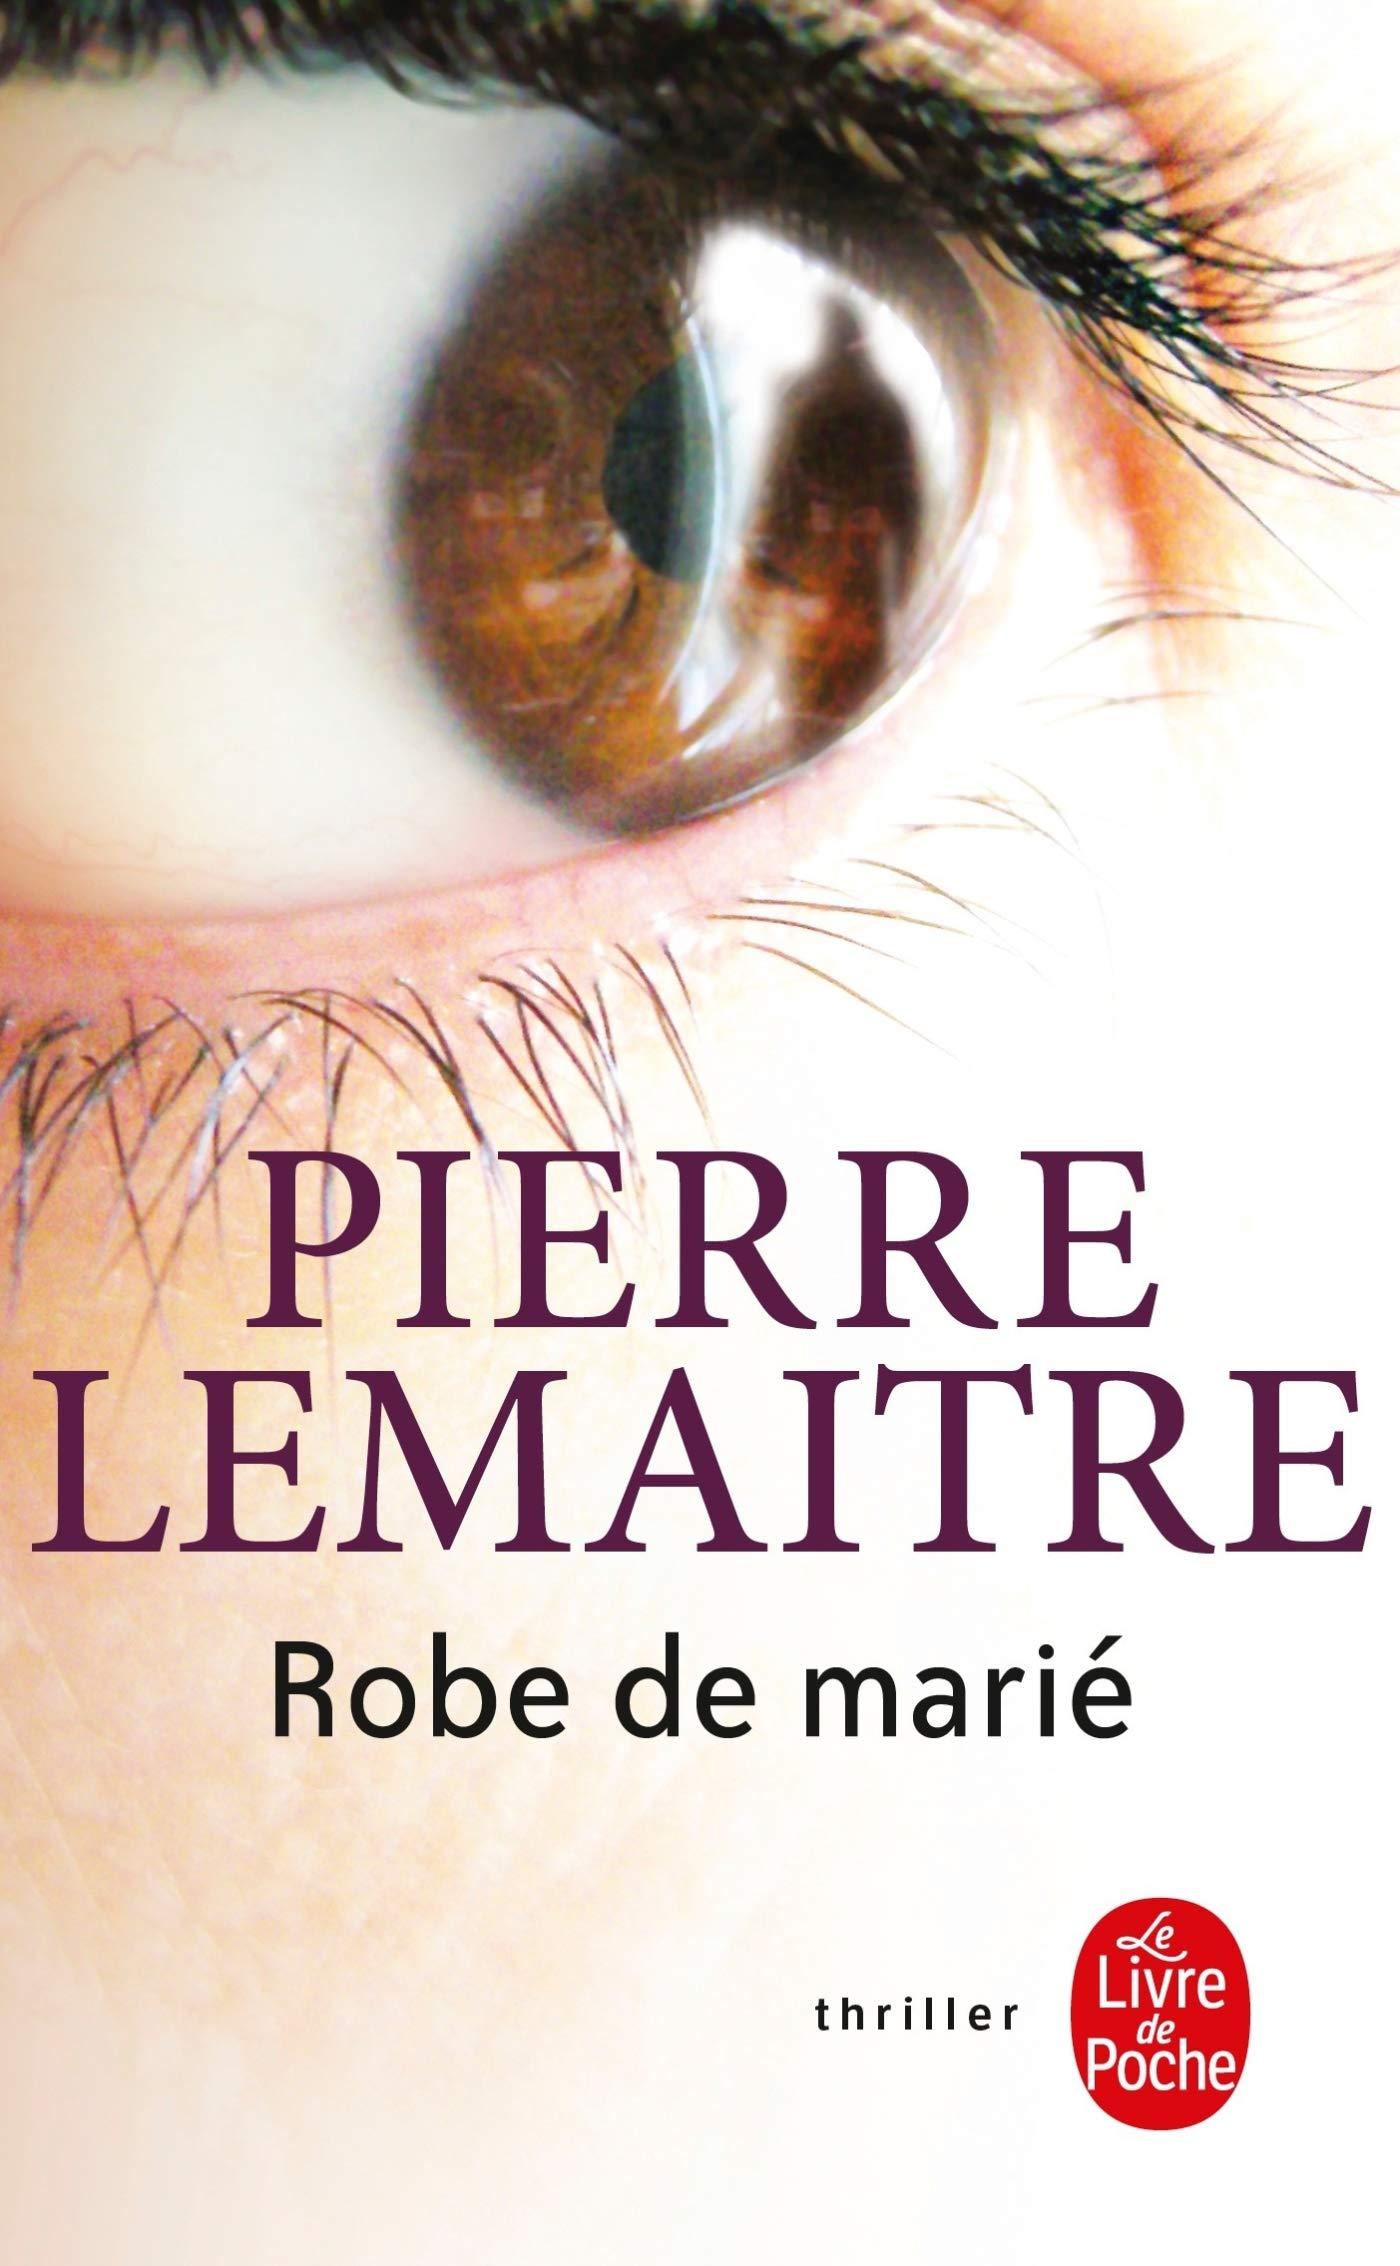 Amazon.fr - Robe de marié - Lemaitre, Pierre